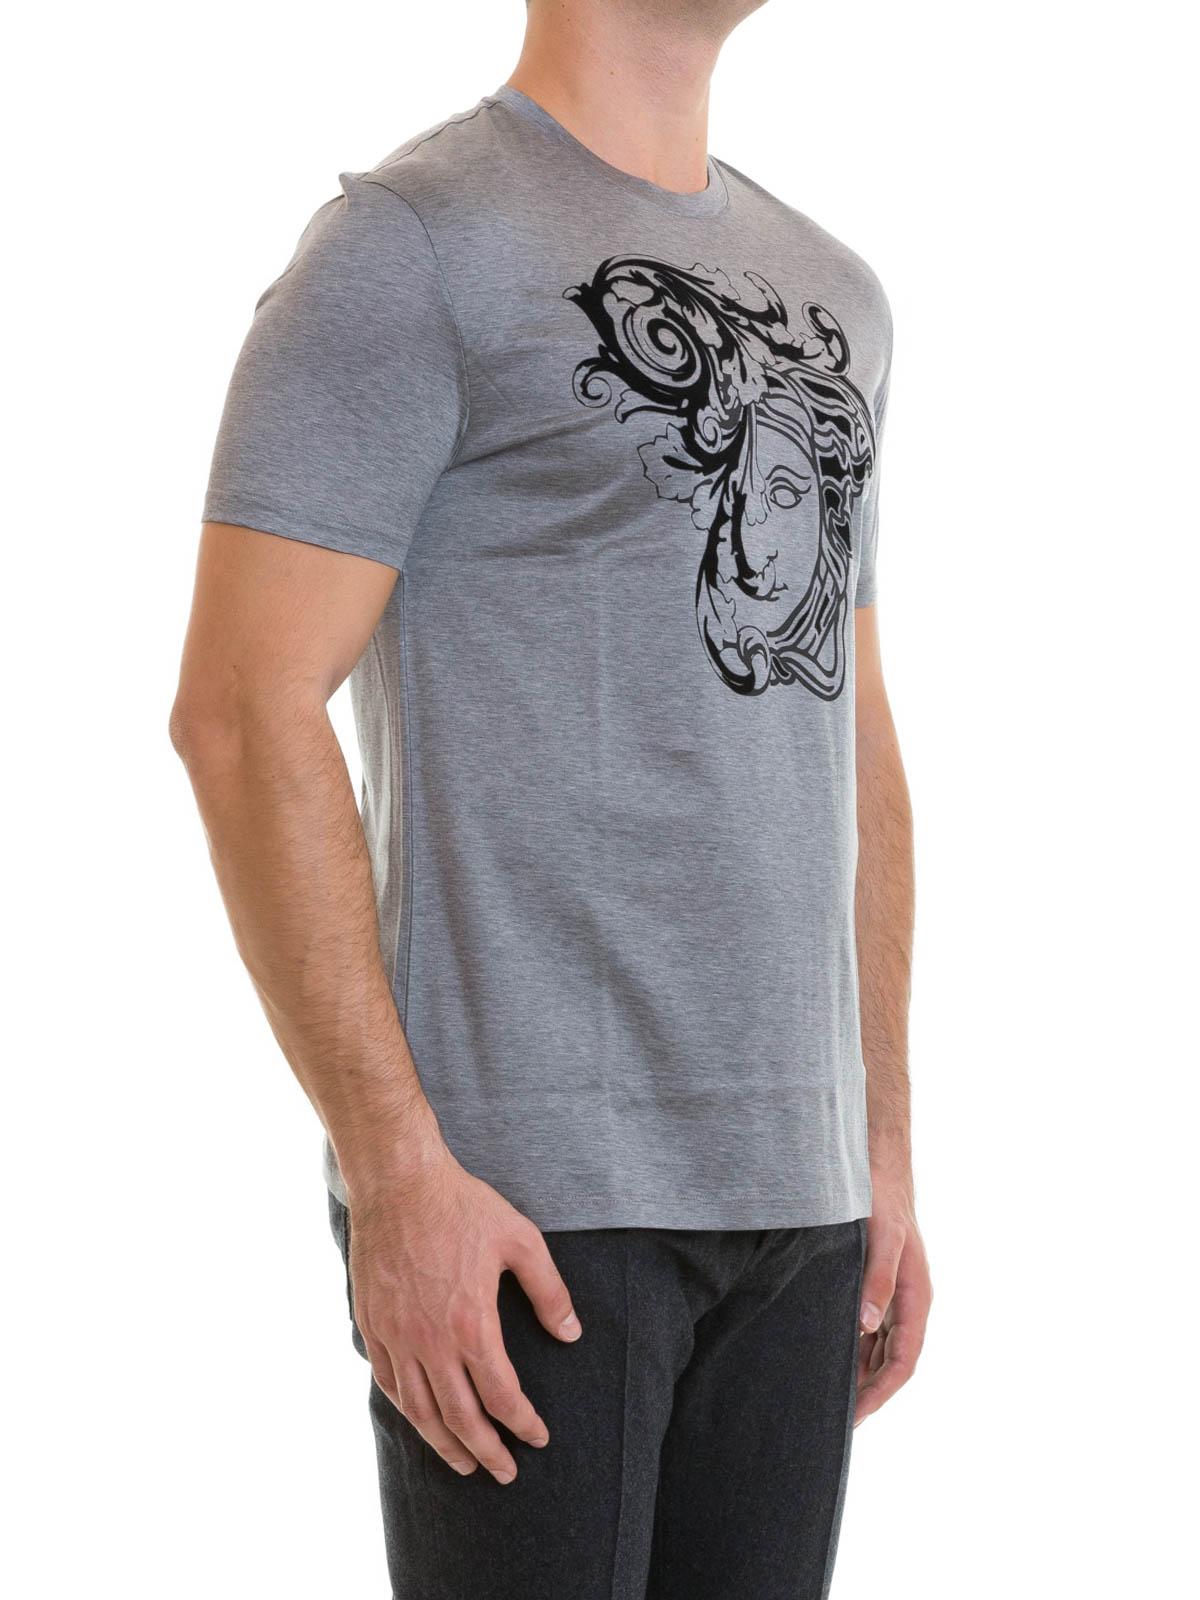 VERSACE COLLECTION  T-shirts online - T-Shirt Fur Herren - Grau 5e7833afde